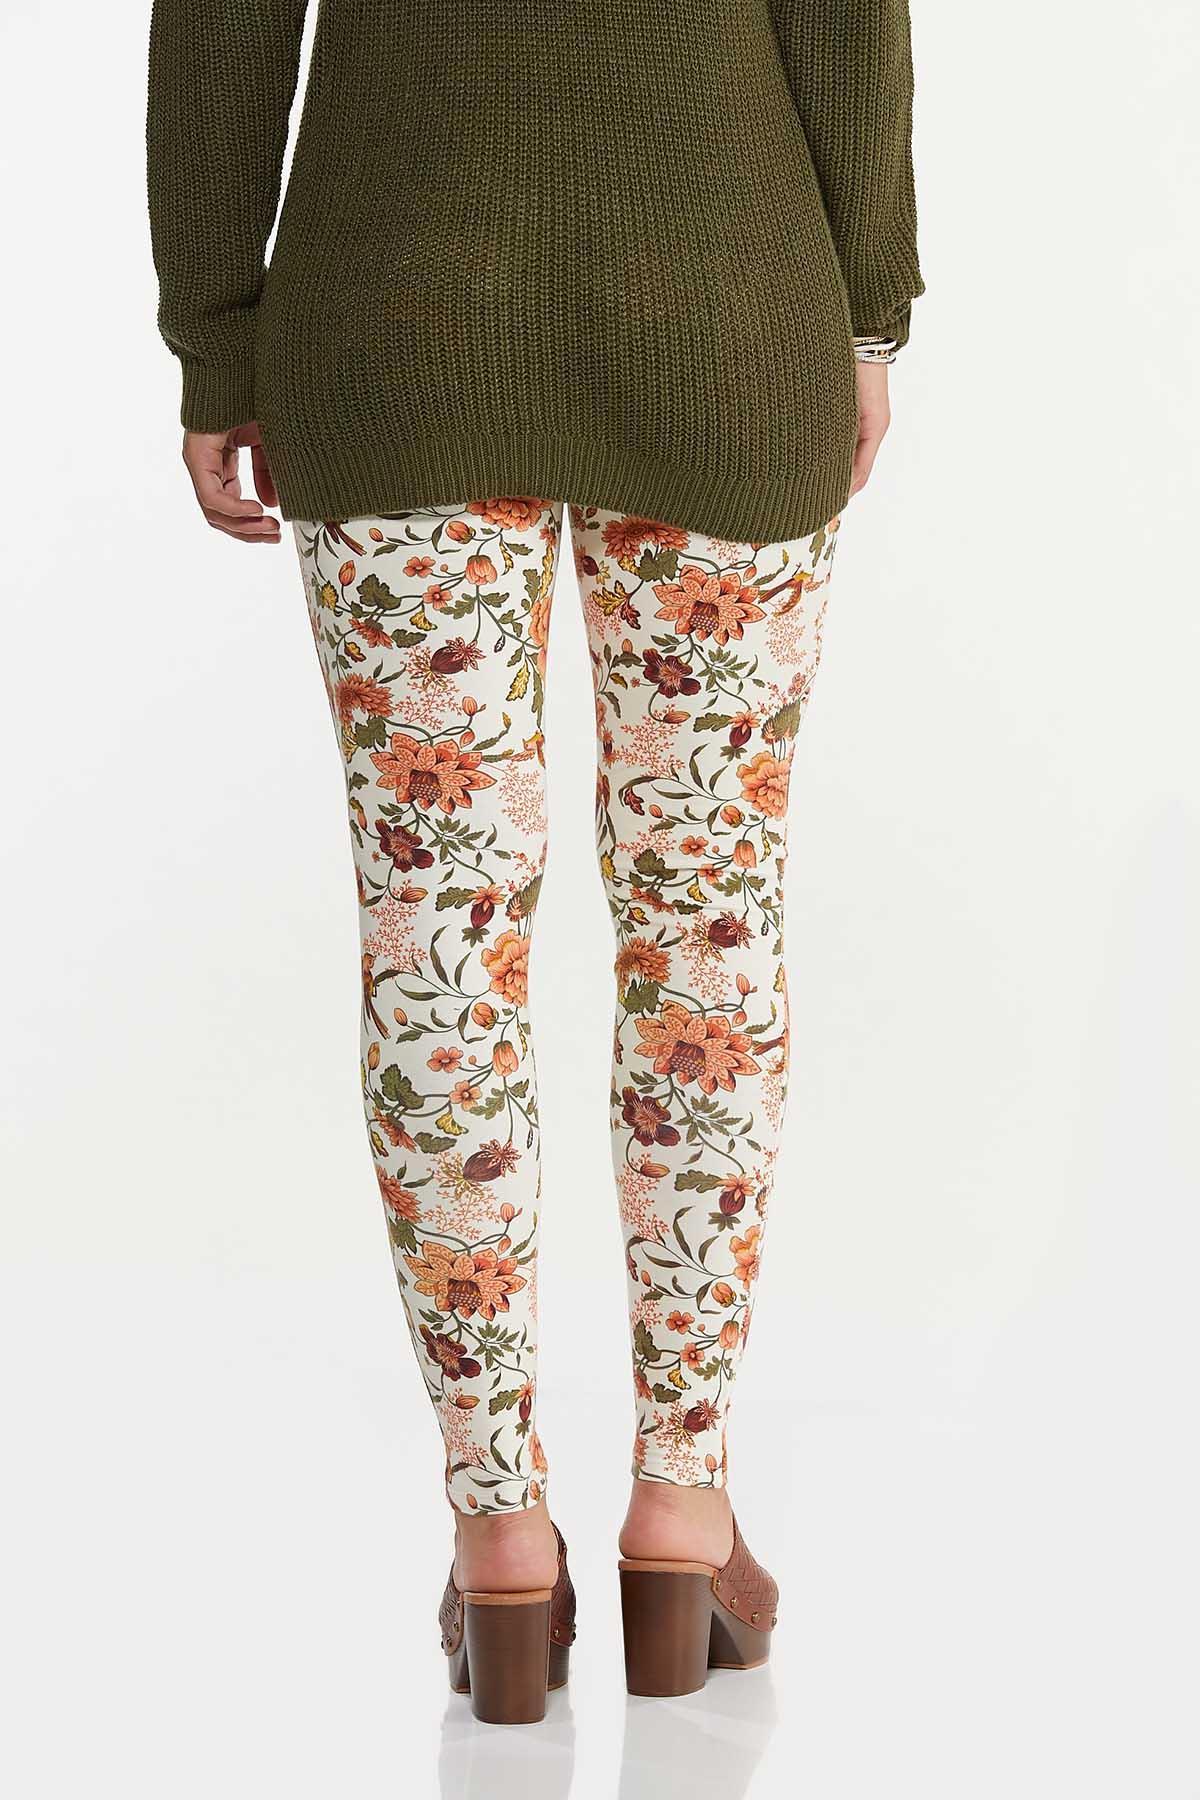 Spice Floral Leggings (Item #44654958)